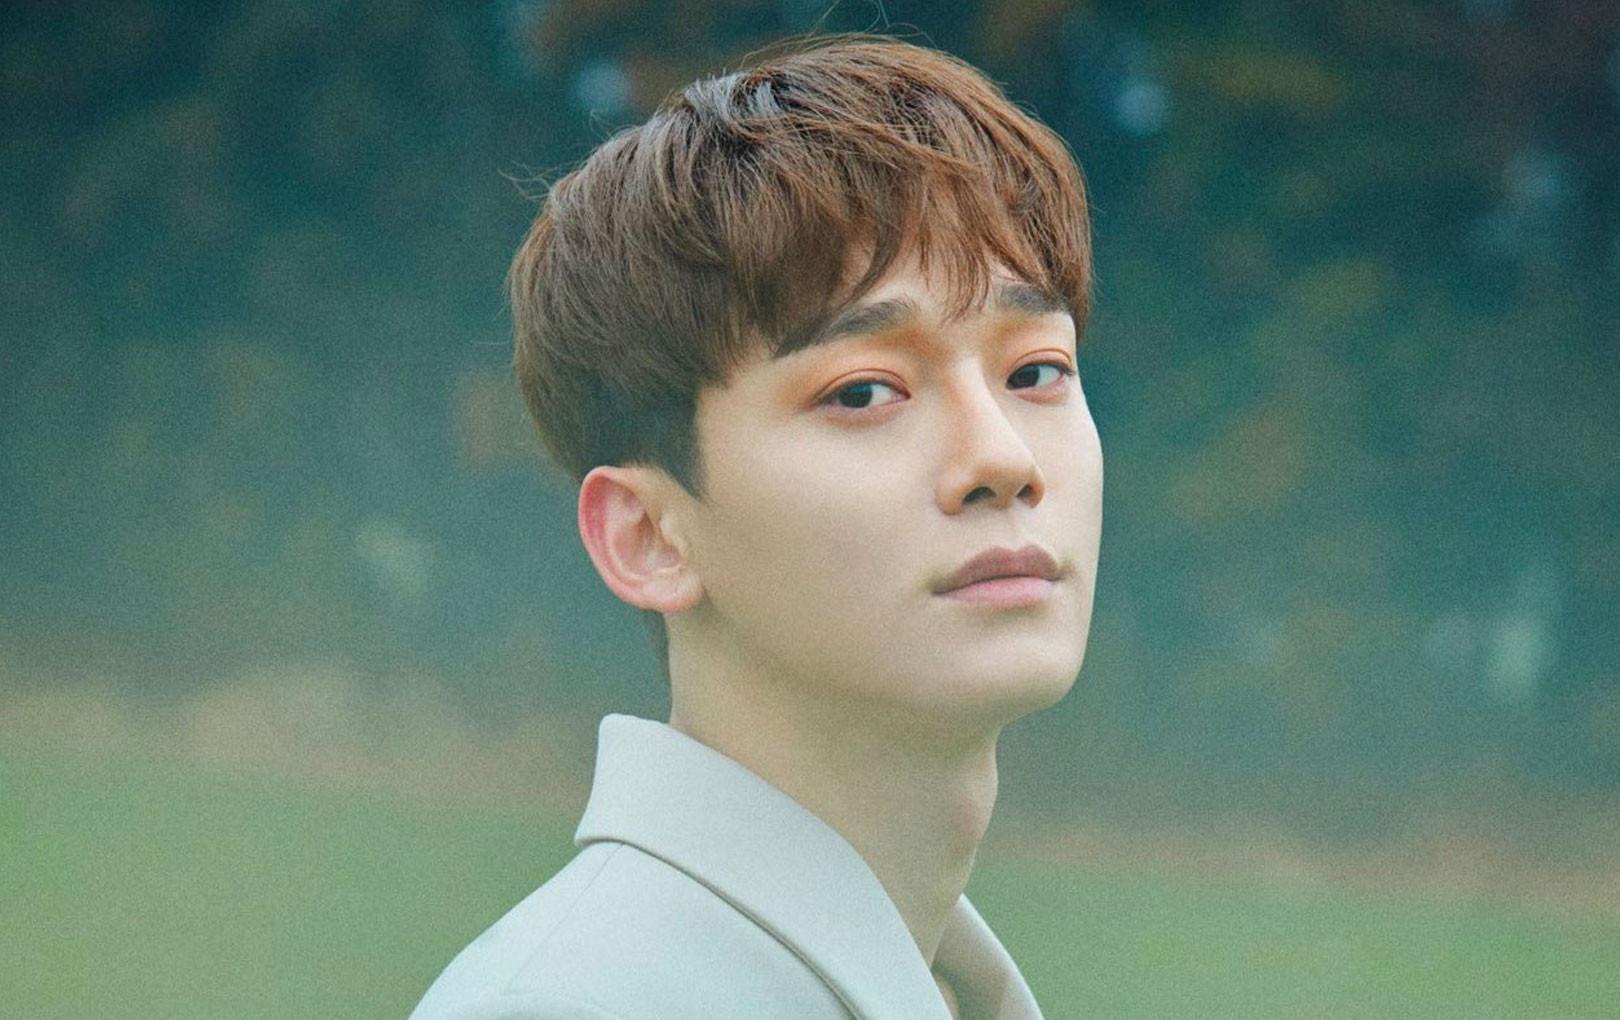 Lộ thông tin Chen (EXO) đã bí mật tổ chức đám cưới vào hôm nay, bạn gái mang thai 7 tháng